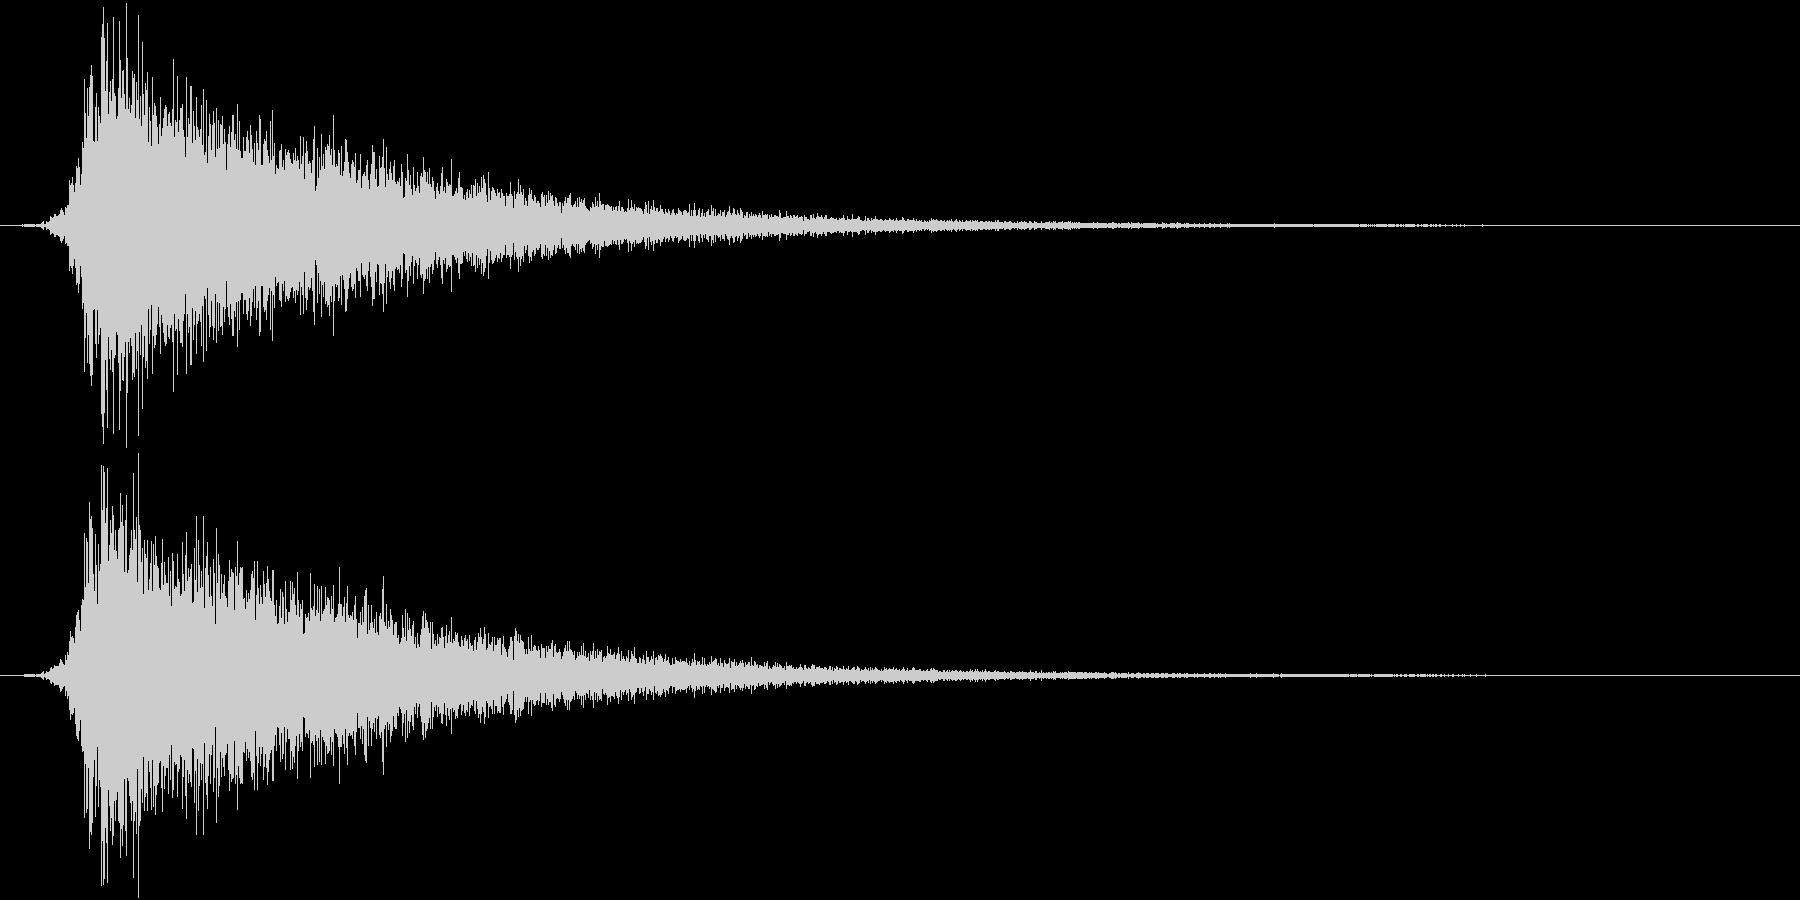 カットイン/シュパーン/ロゴ/開始の未再生の波形